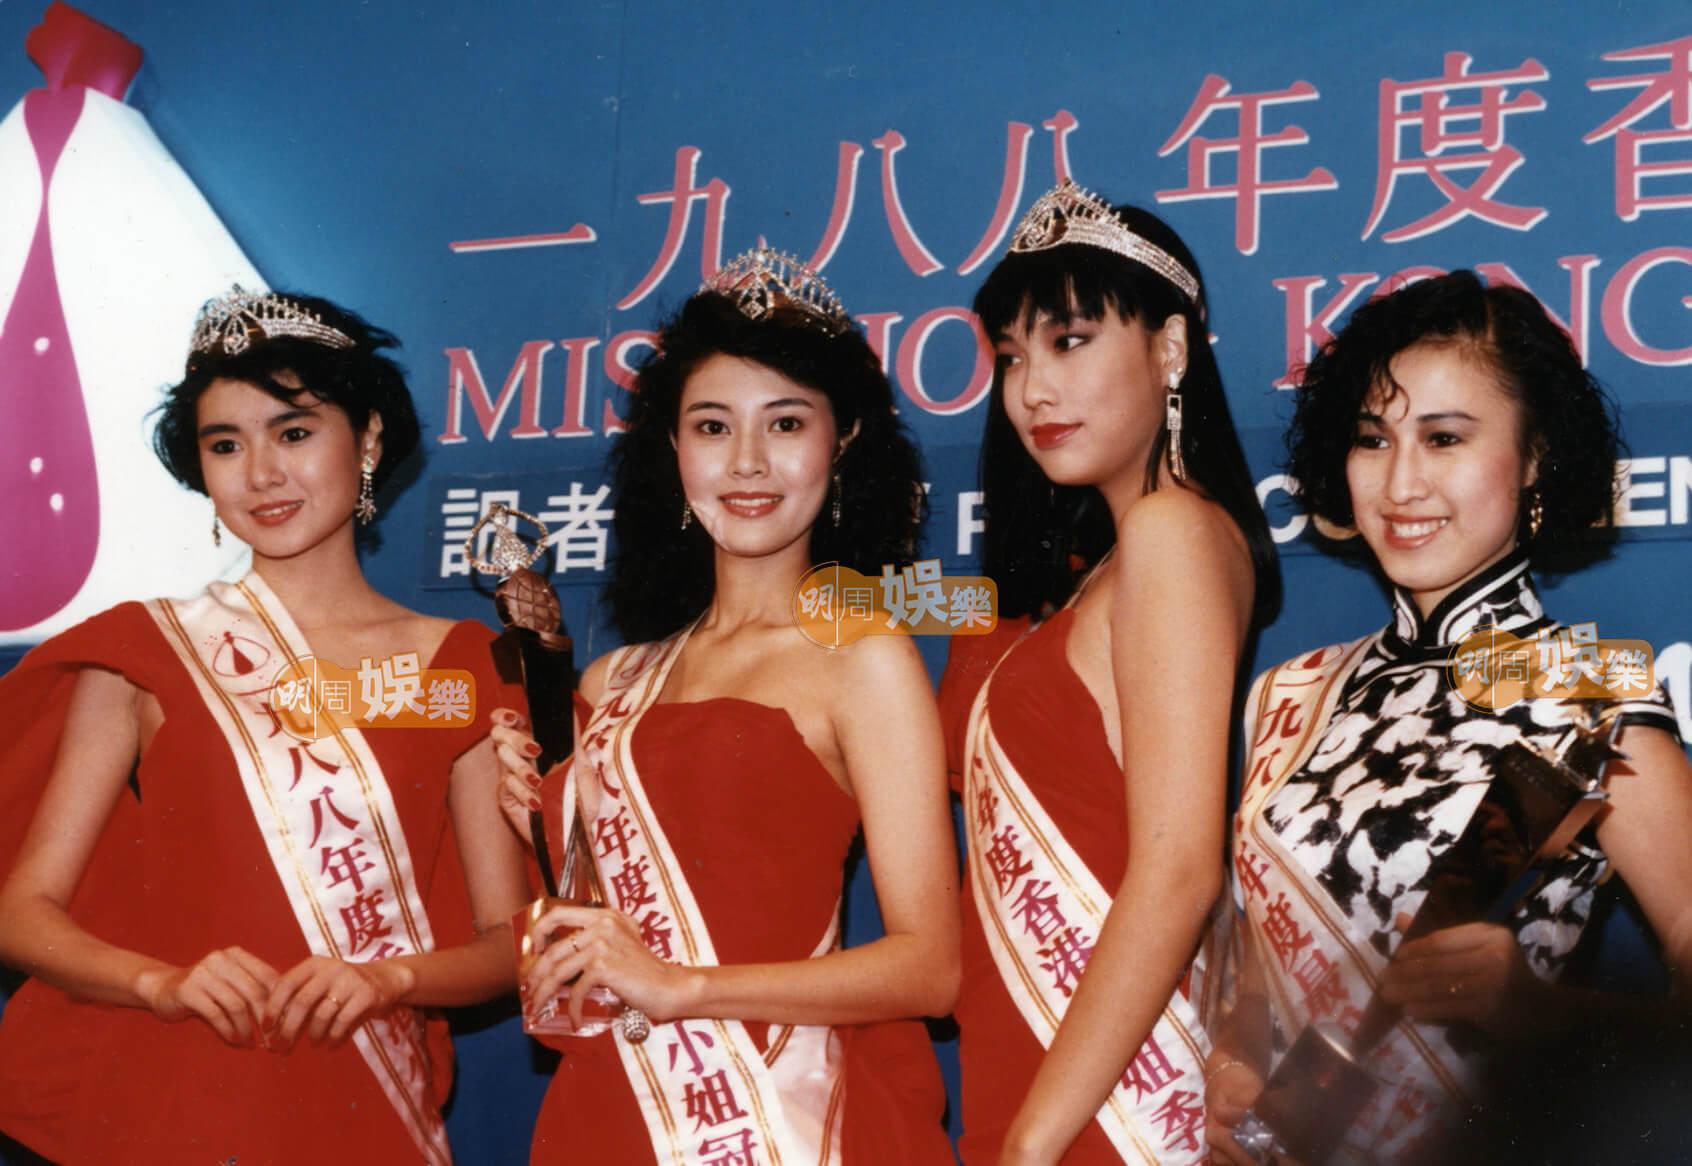 李嘉欣勇奪1988年冠軍以及國際親善小姐